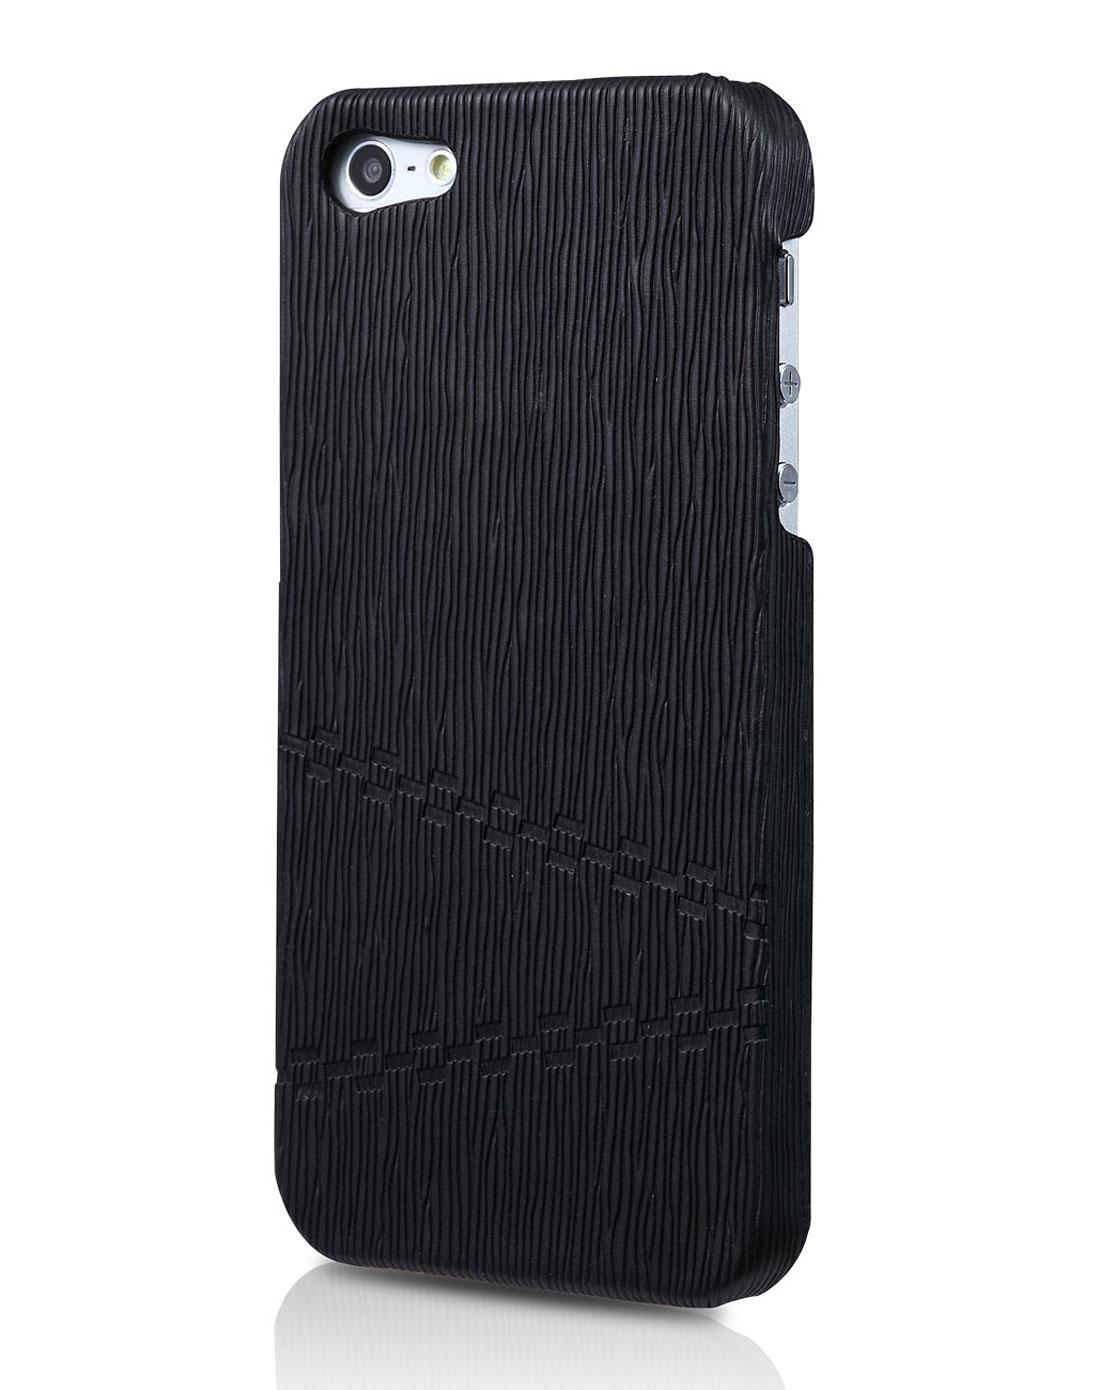 iphone5 时尚纹理贴皮手机壳 黑色